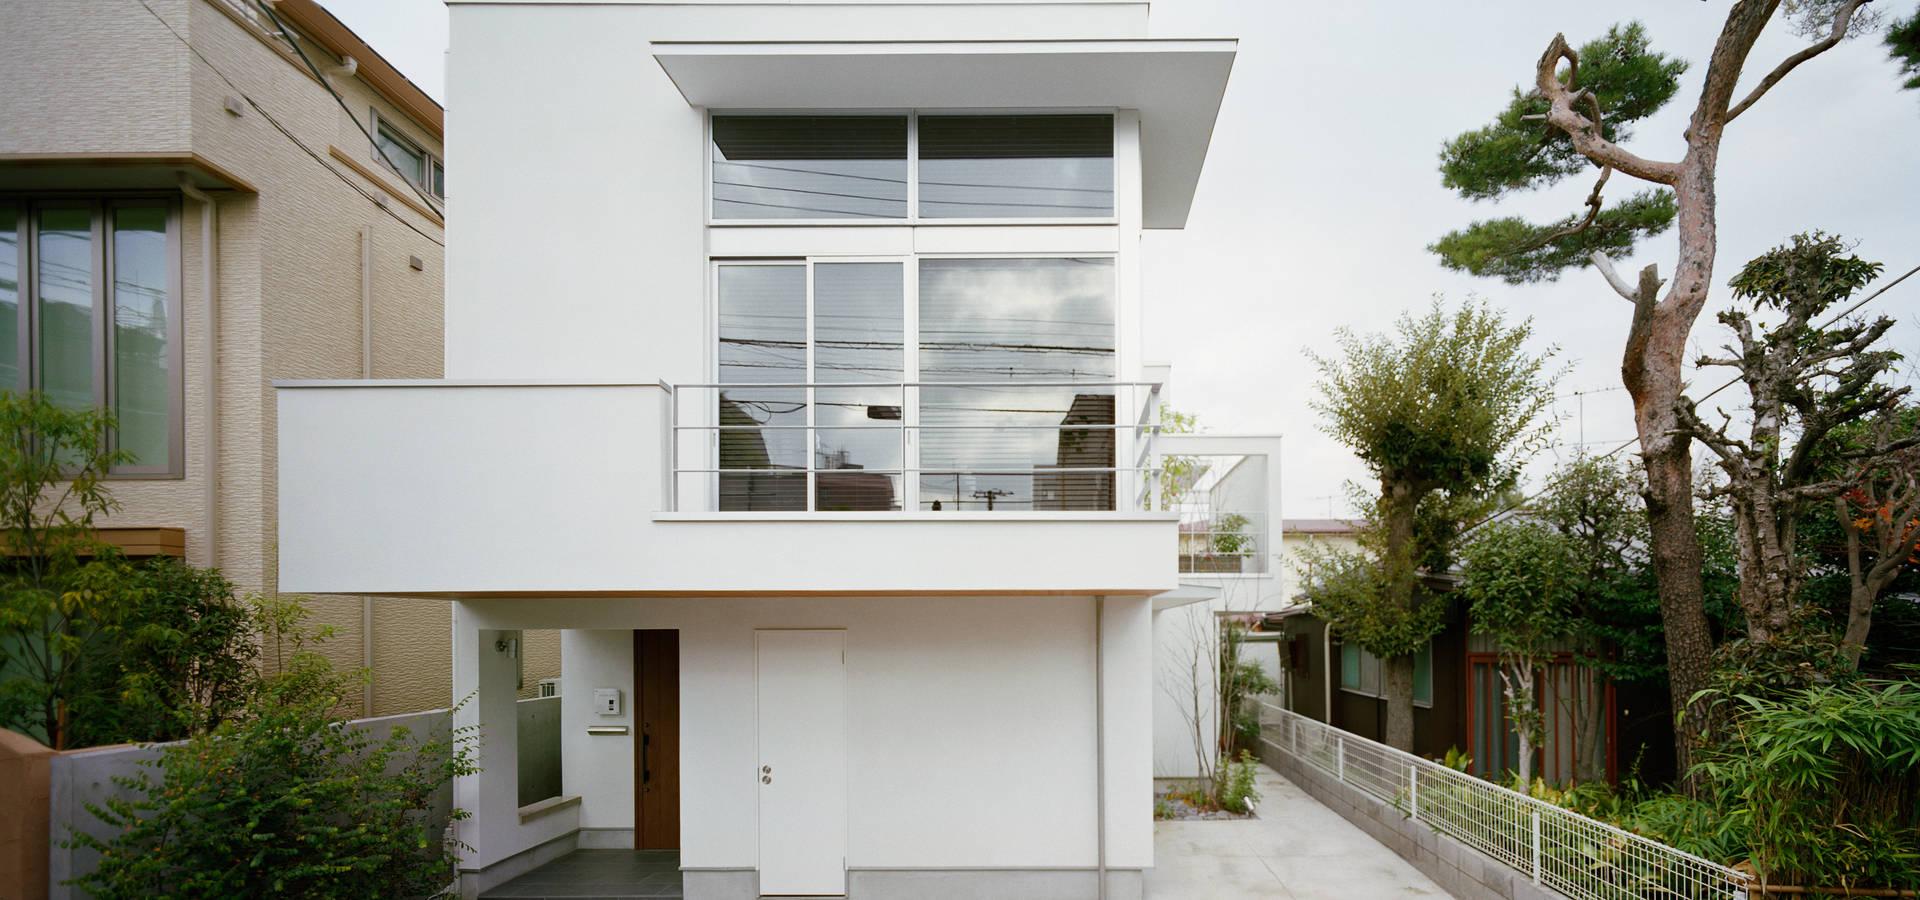 伊藤一郎建築設計事務所